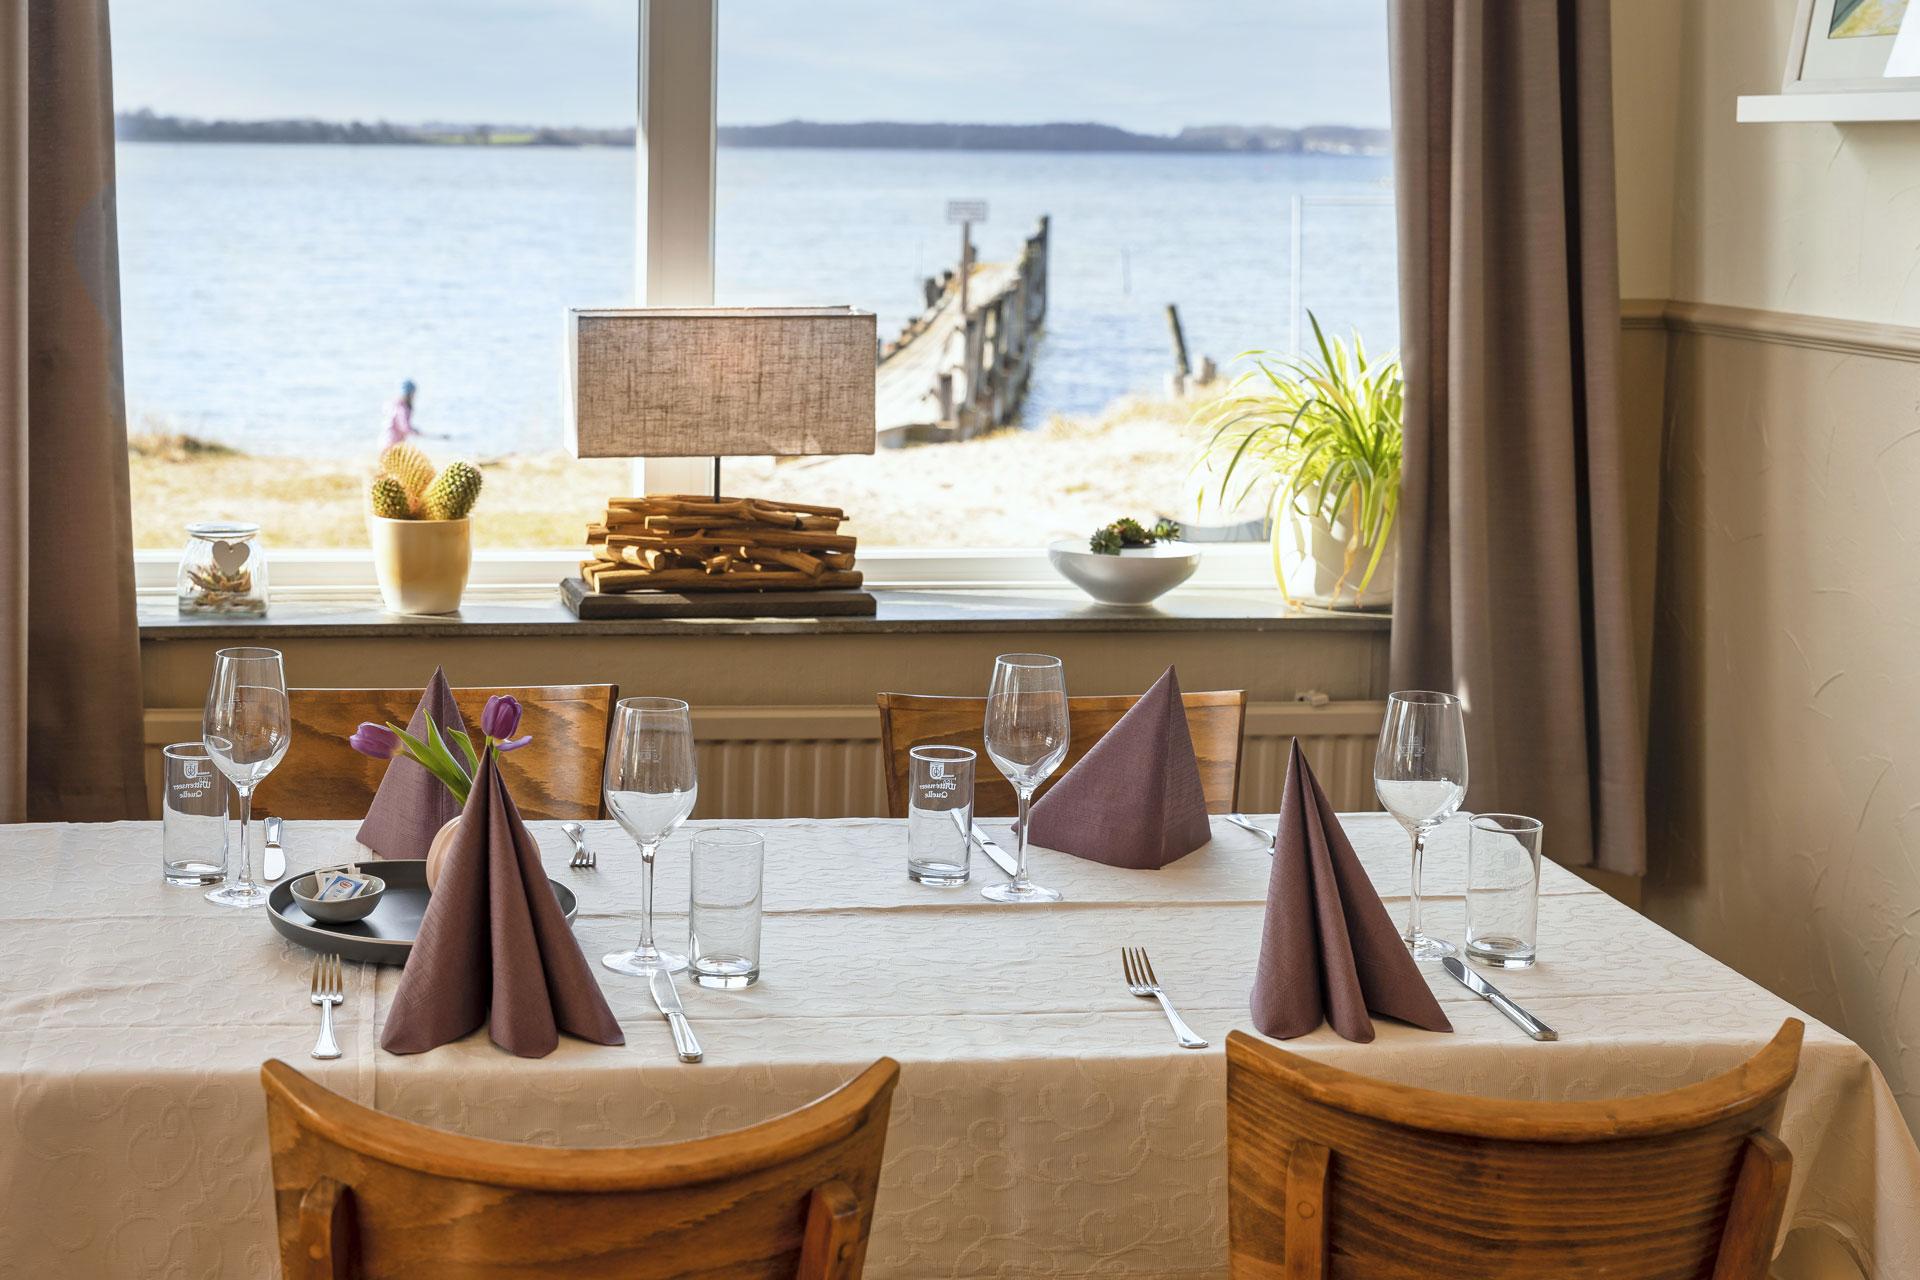 strandhuus-wackerballig-gastronomie23